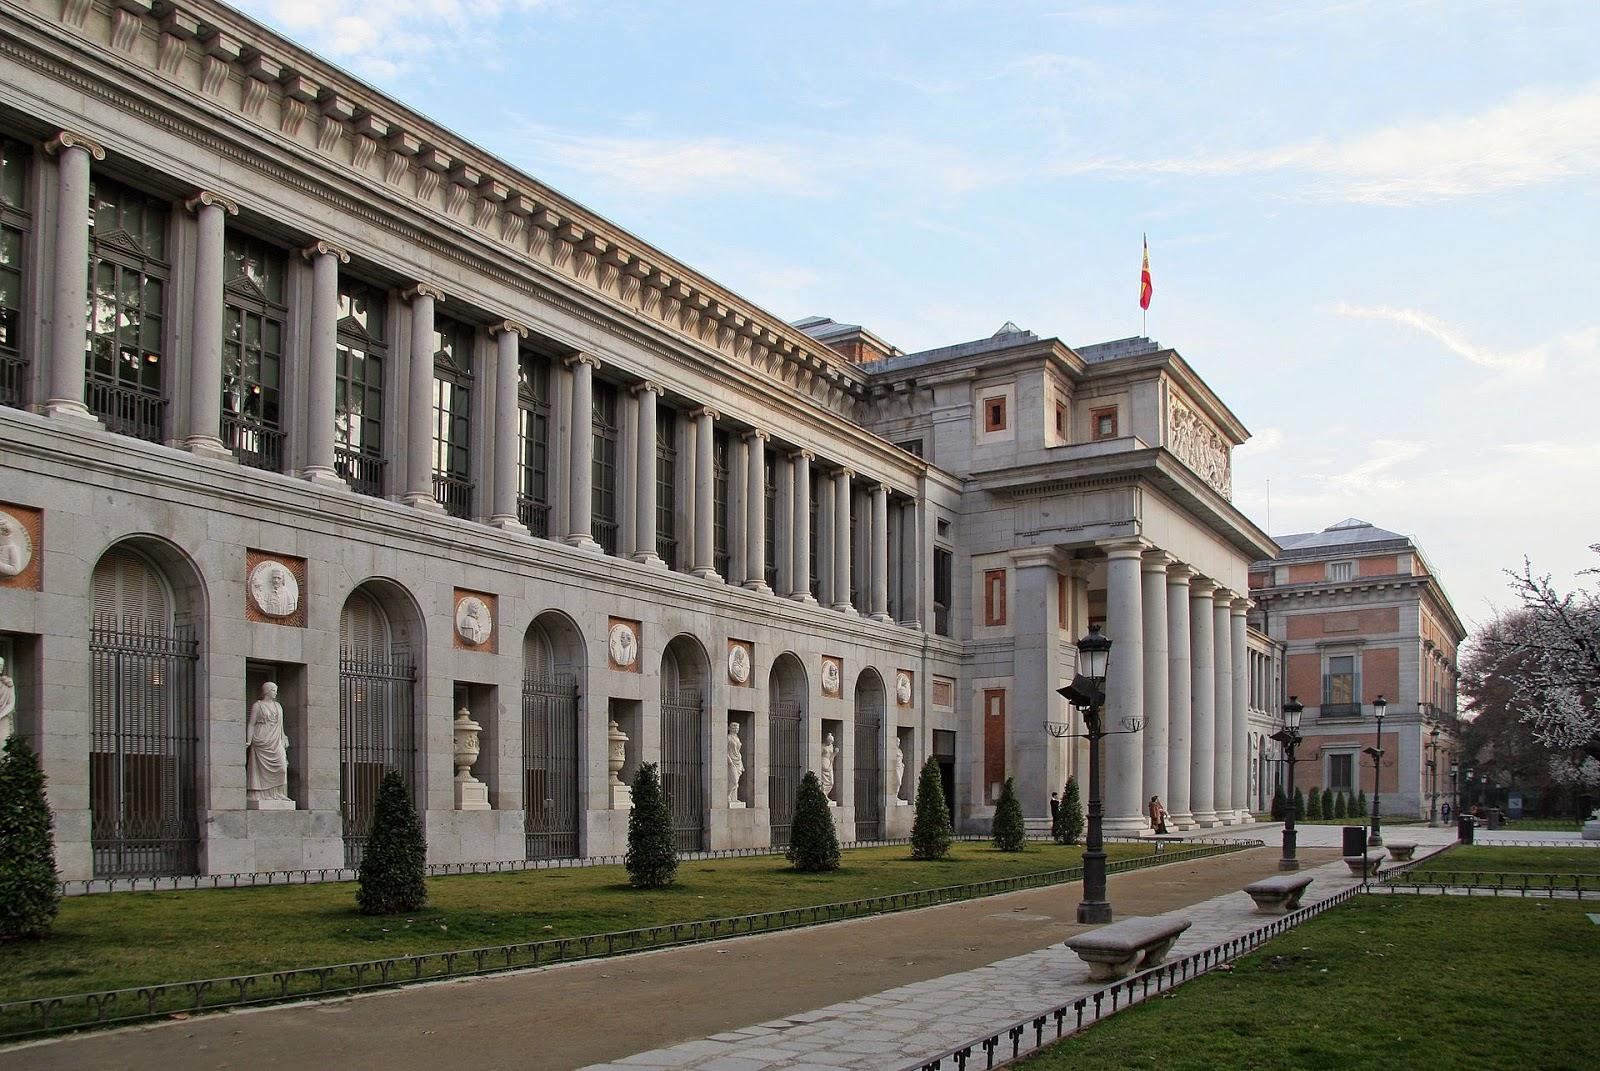 Museo_del_Prado_(Madrid)_04.jpg